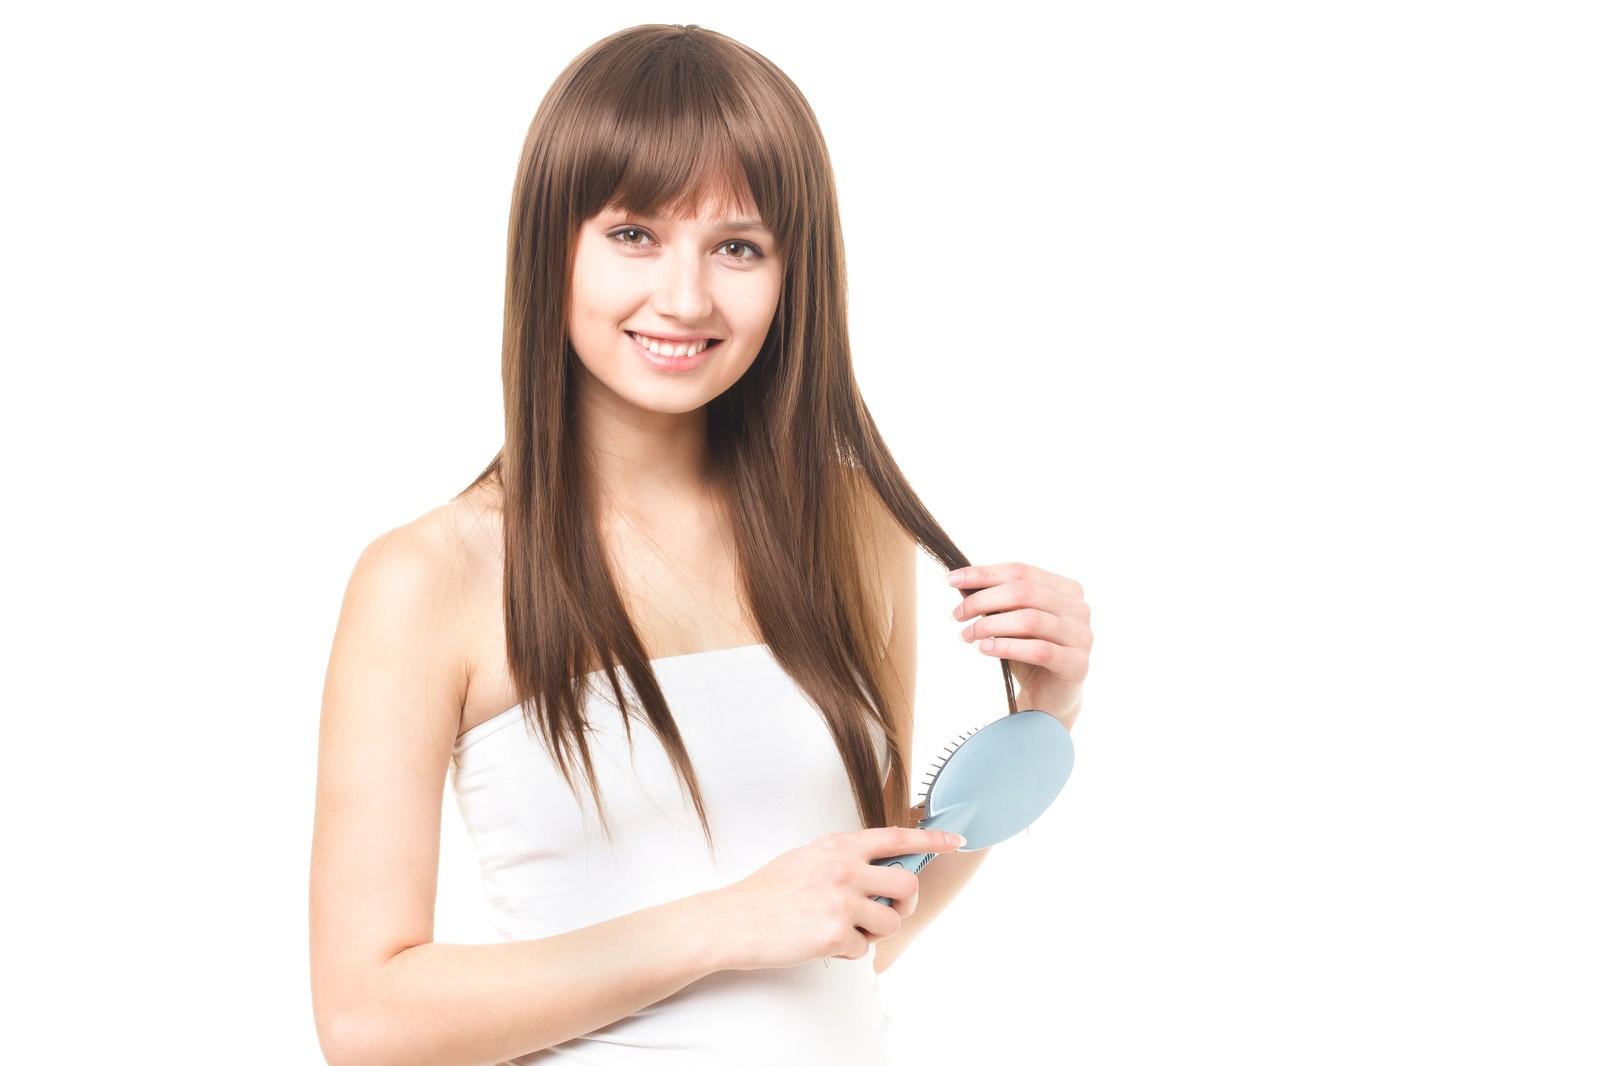 髪の毛 ガム